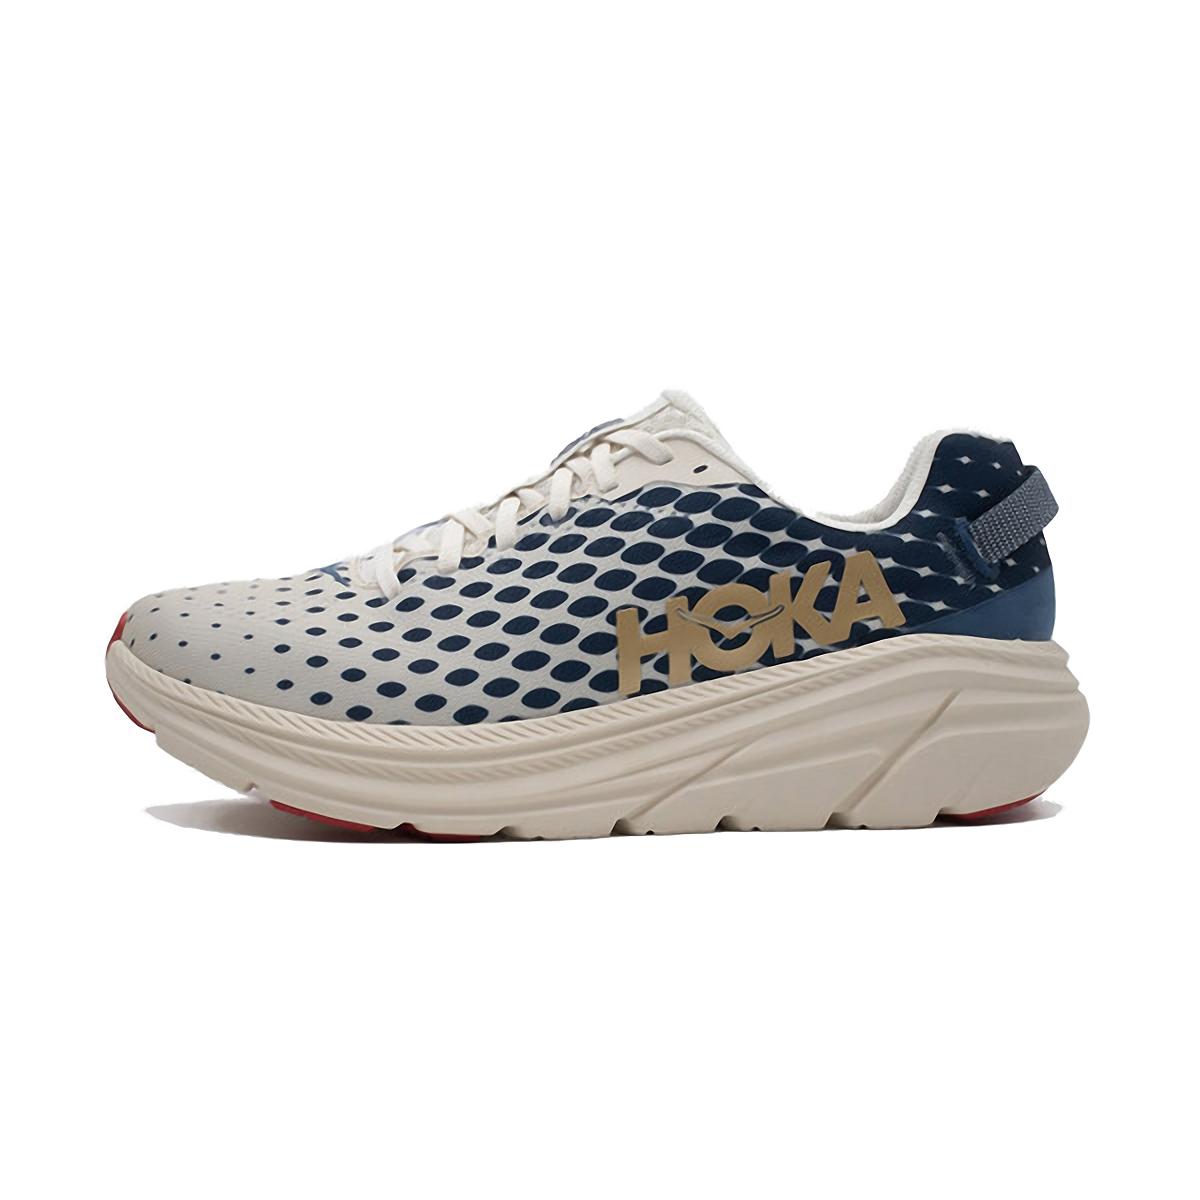 Women's Hoka One One Rincon TK Running Shoe - Color: Vintage Indigo - Size: 5 - Width: Regular, Vintage Indigo, large, image 2